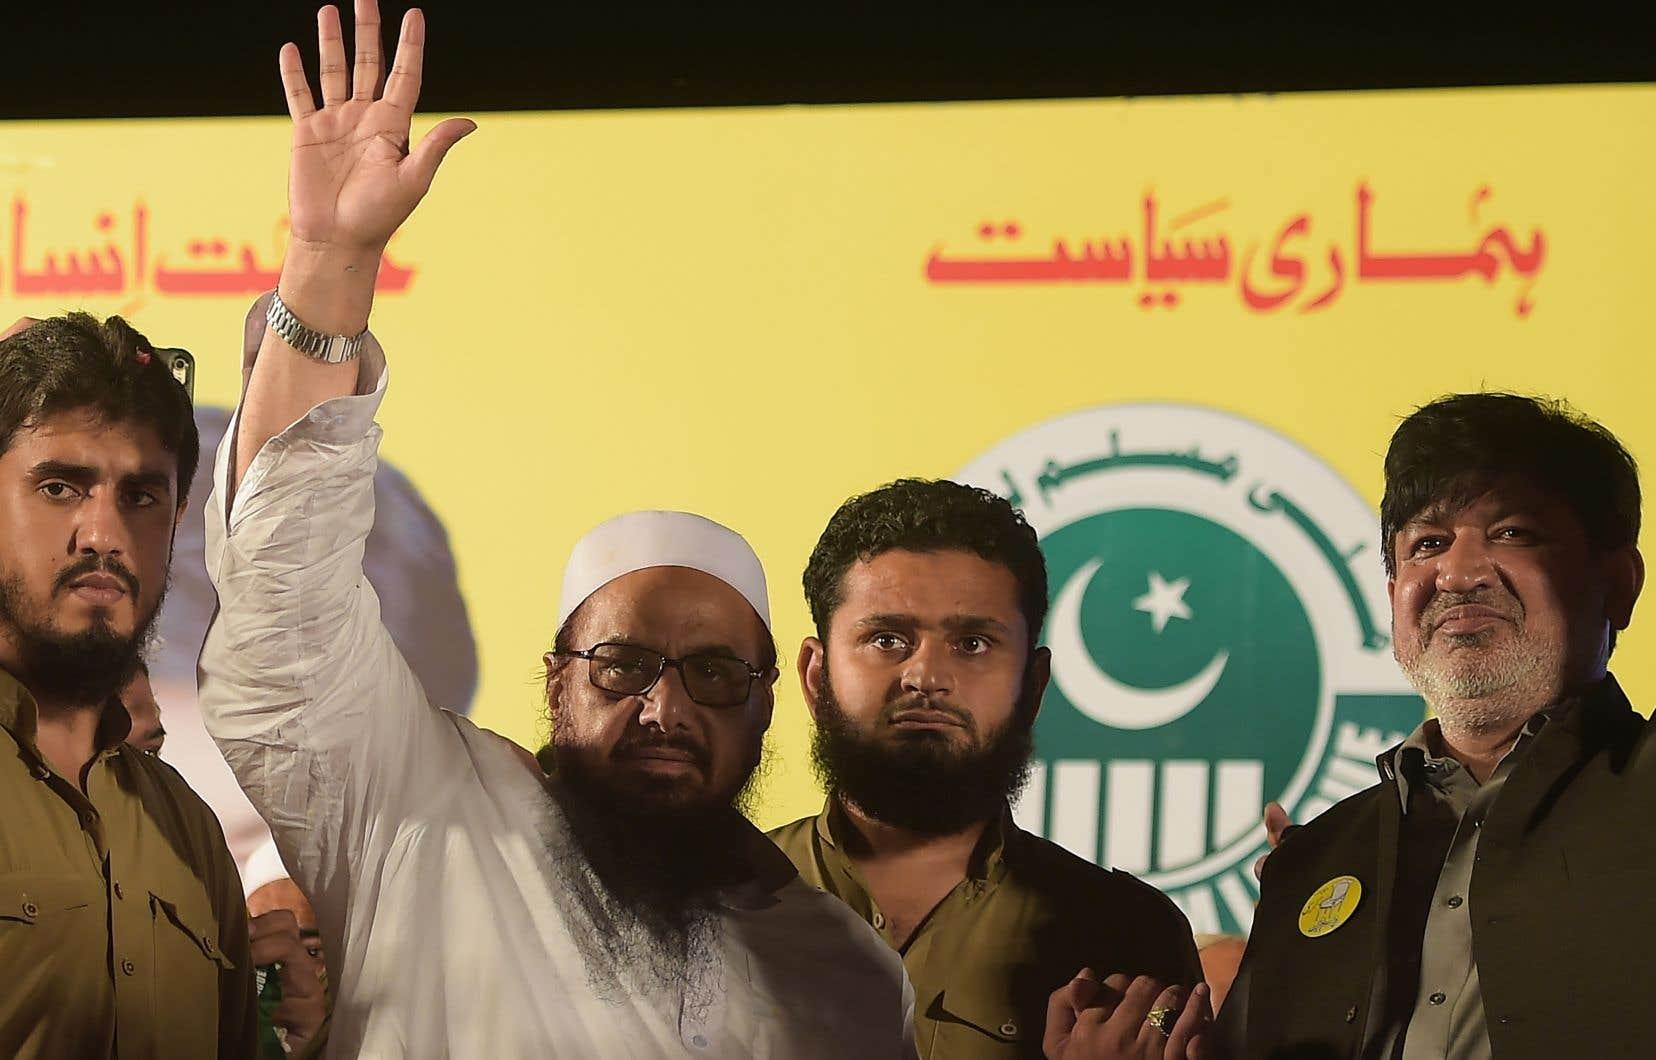 Hafiz Saeed dirige le Jamaat-ud-Dawa, un groupe islamiste classé comme organisation terroriste par l'ONU, qui est considéré par New Delhi comme une vitrine du Lashkar-e-Taiba, l'entité accusée d'être derrière les attentats de Bombay.